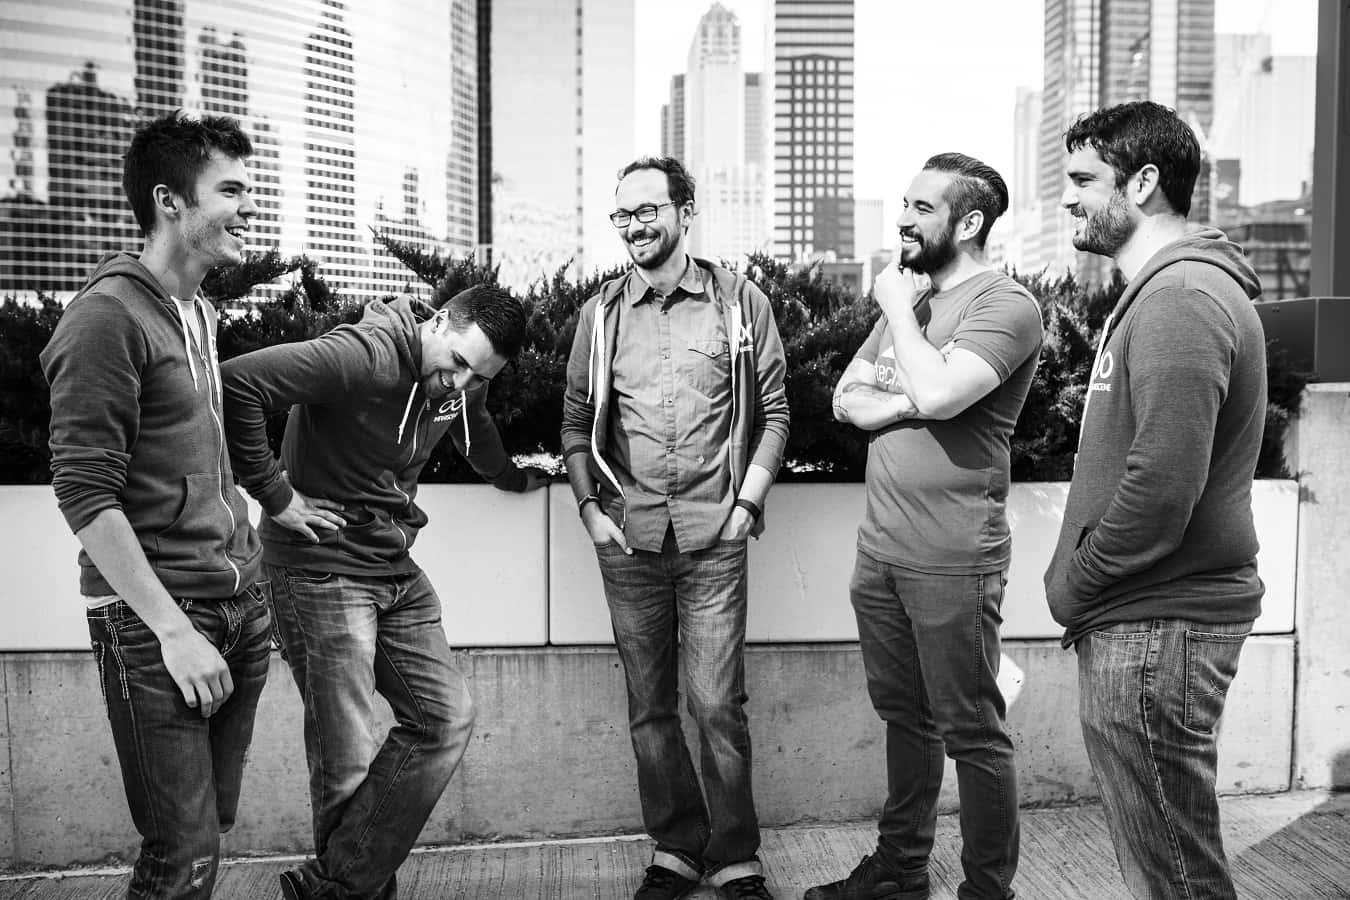 lightstream founding team